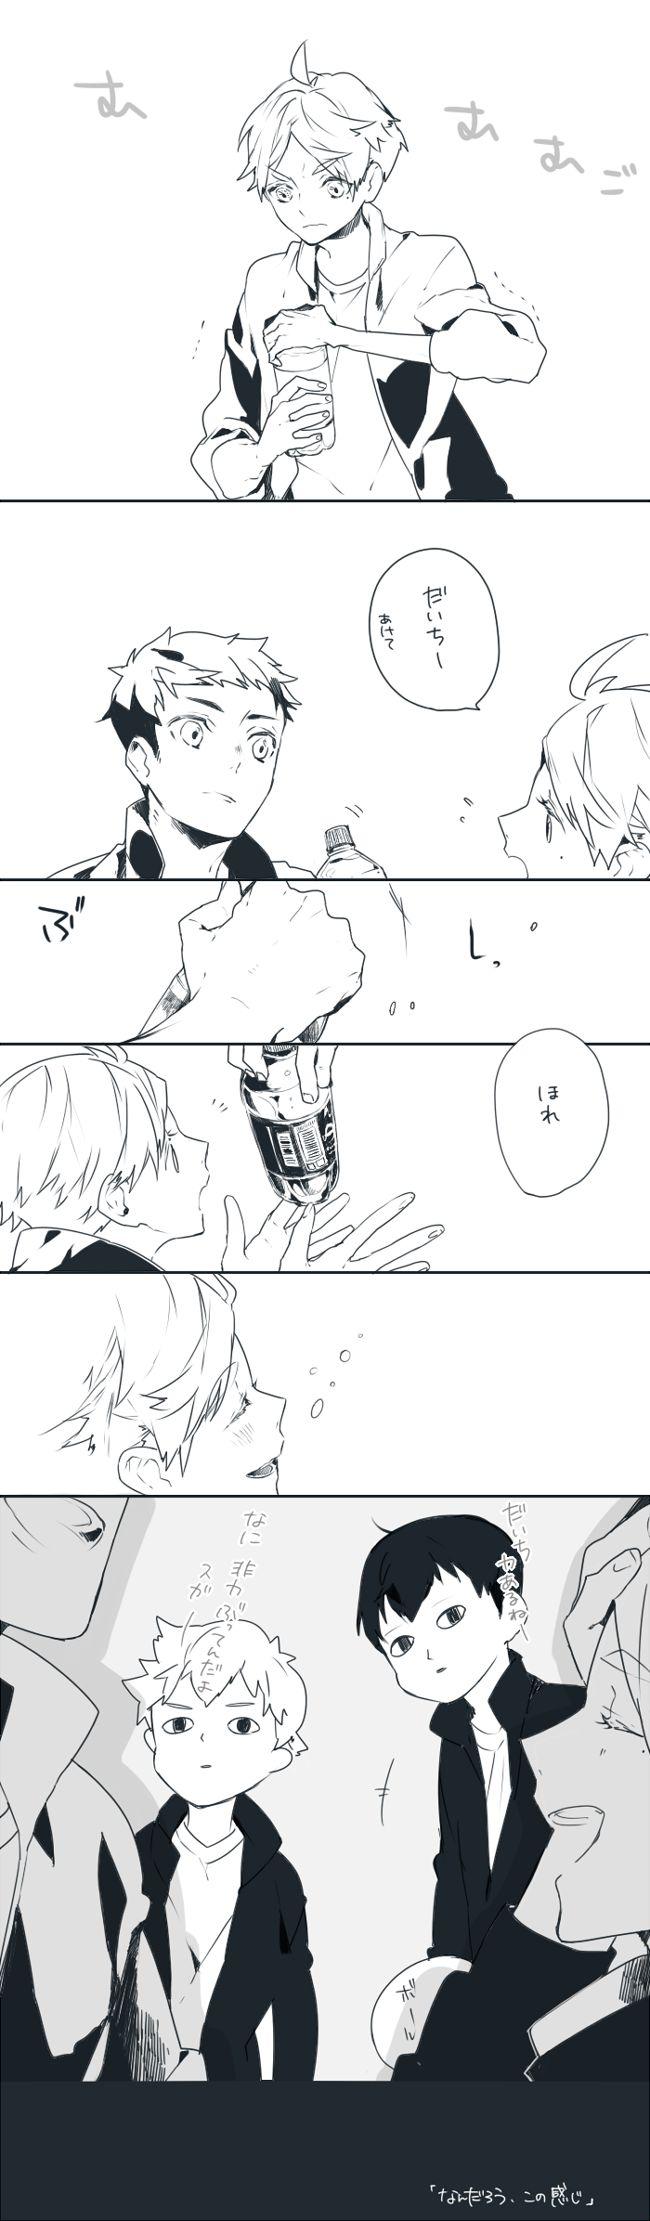 Same Hinata and Kageyama